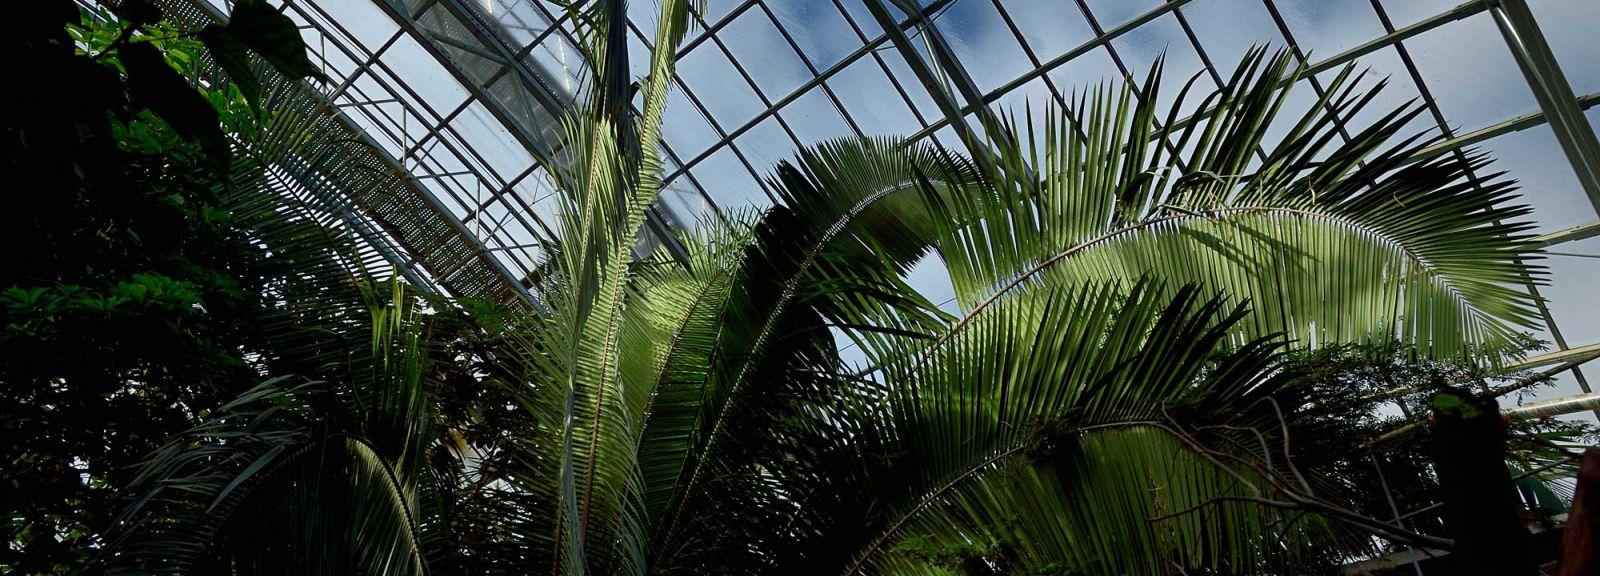 Serre tropicale du Parc zoologique de Paris © MNHN - F.-G. Grandin